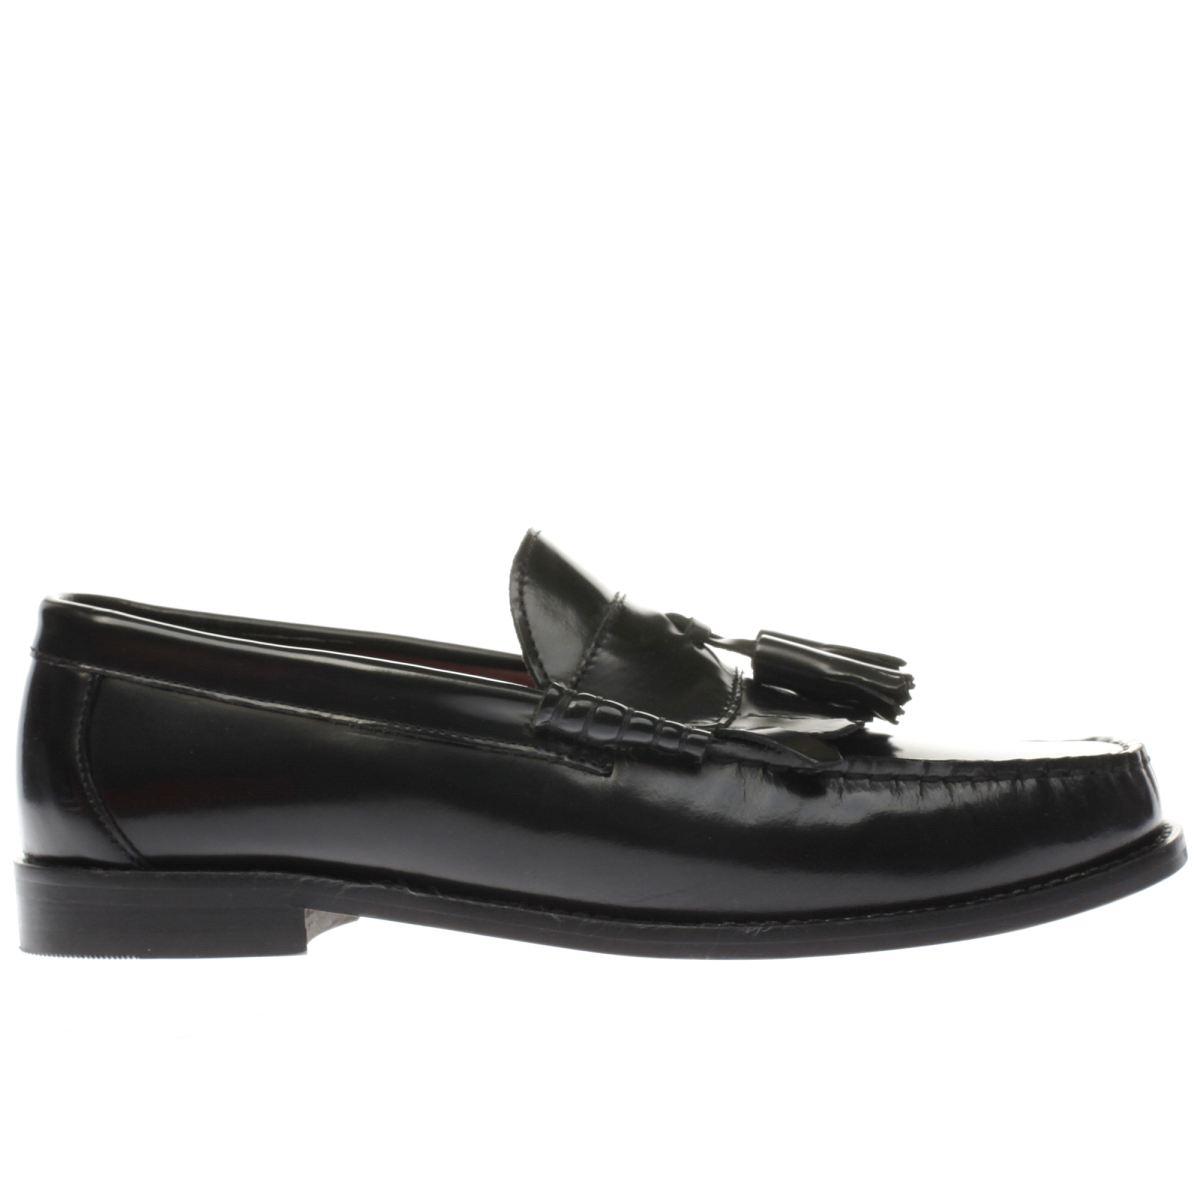 ikon black bel air loafer shoes